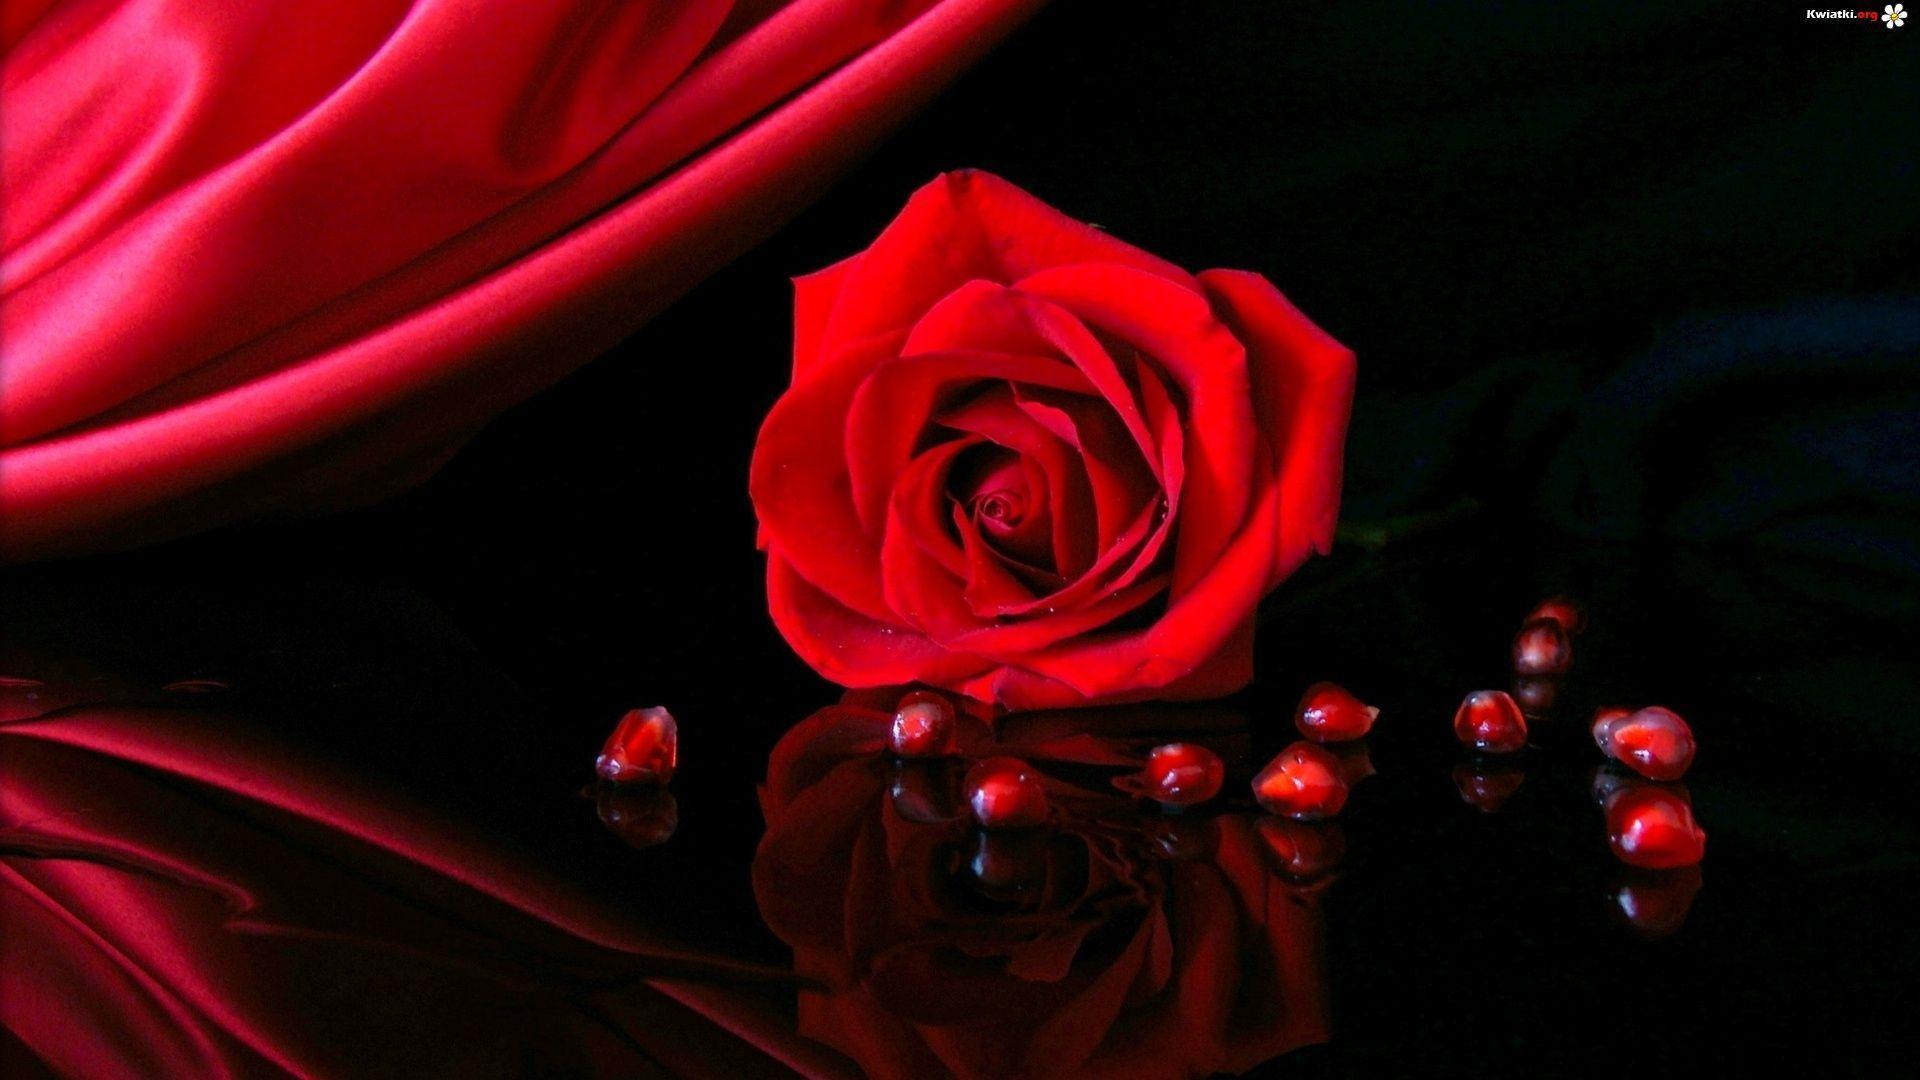 red rose desktop background - photo #7